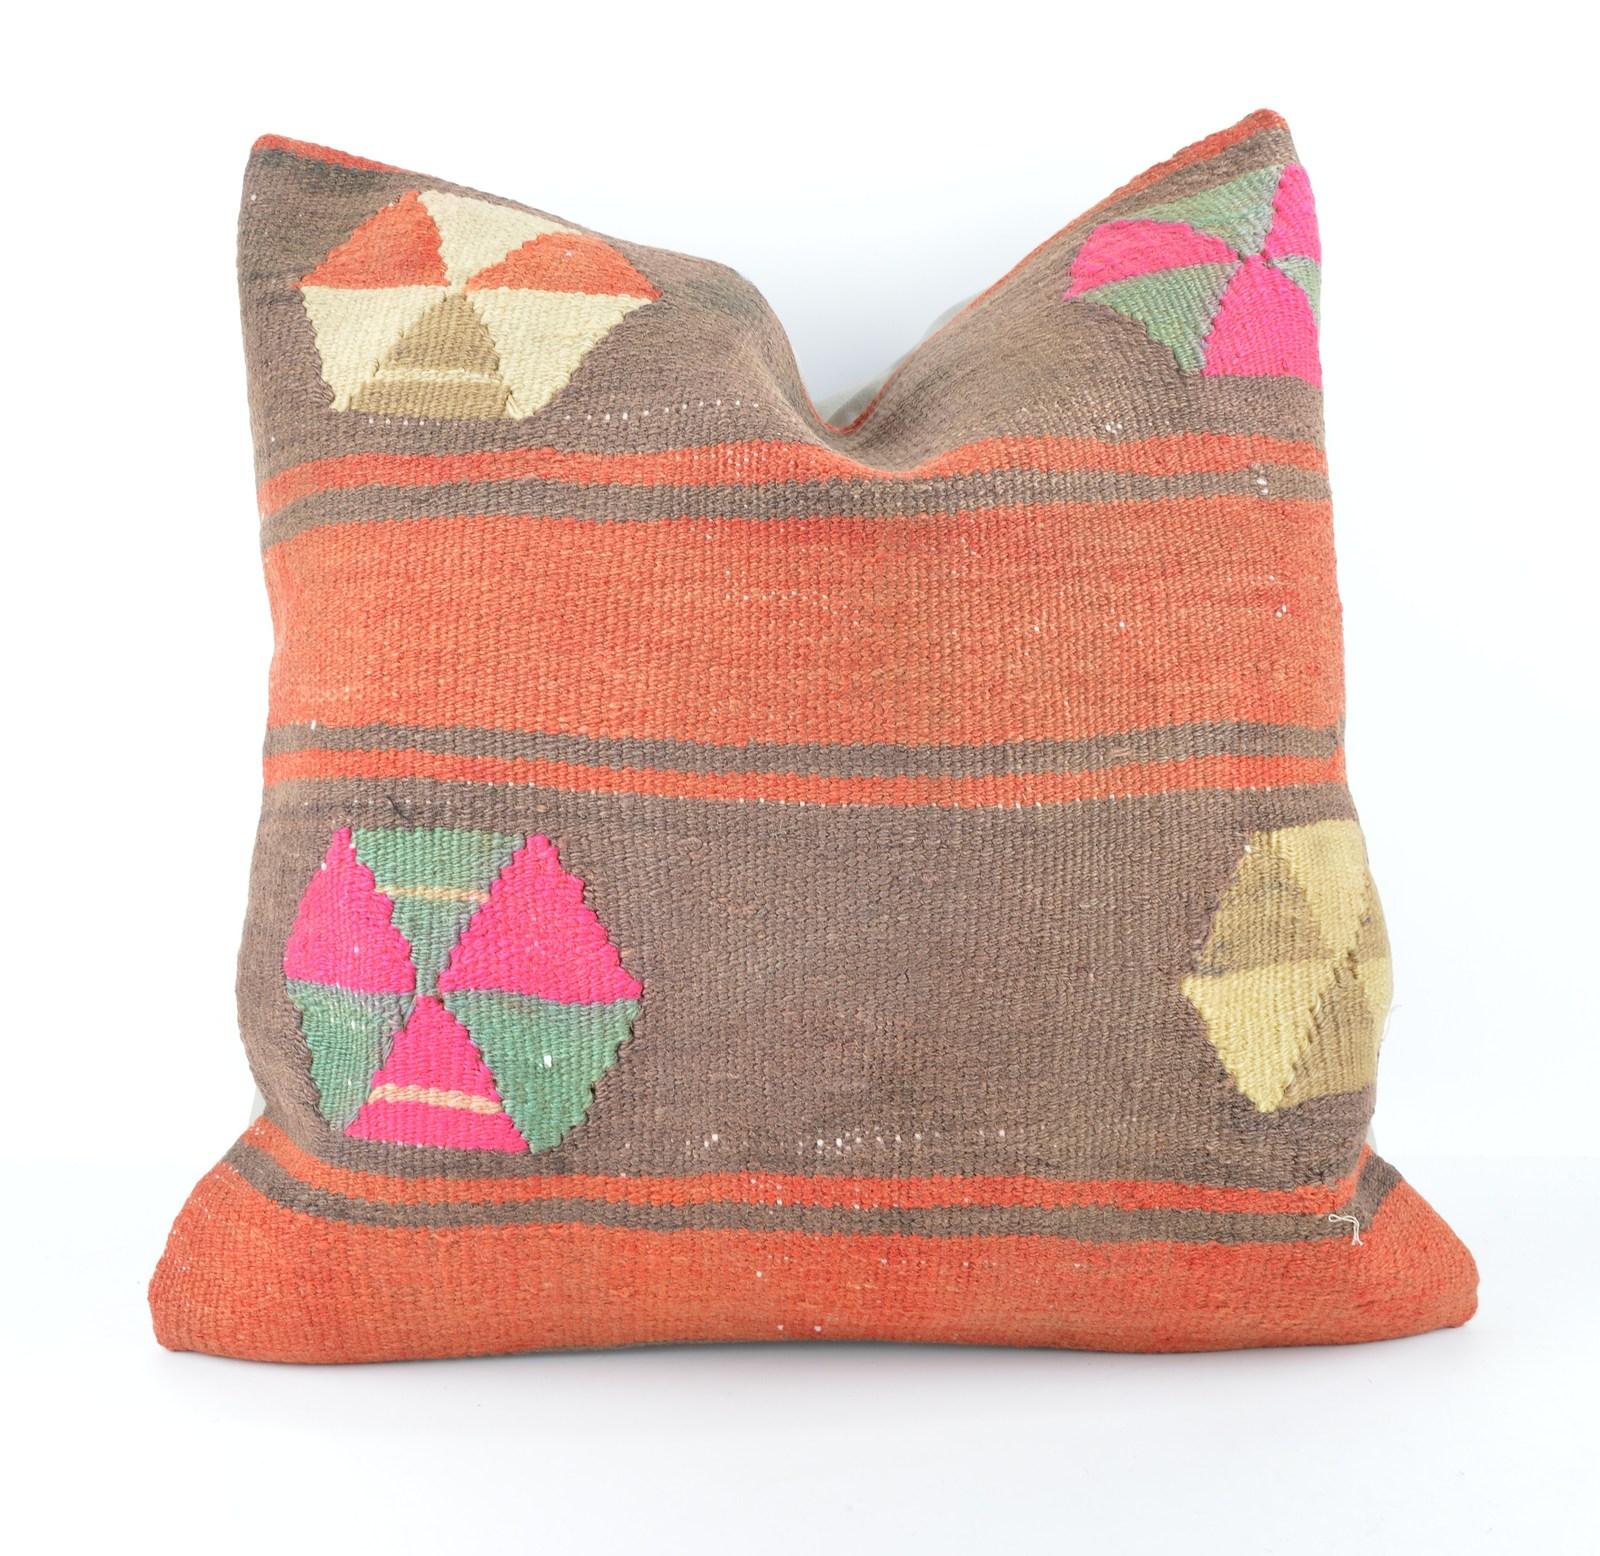 Jumbo Throw Pillows : large kilim pillow 20x20 kilim cushion 50x50cm large pillow large throw pillow - Pillows